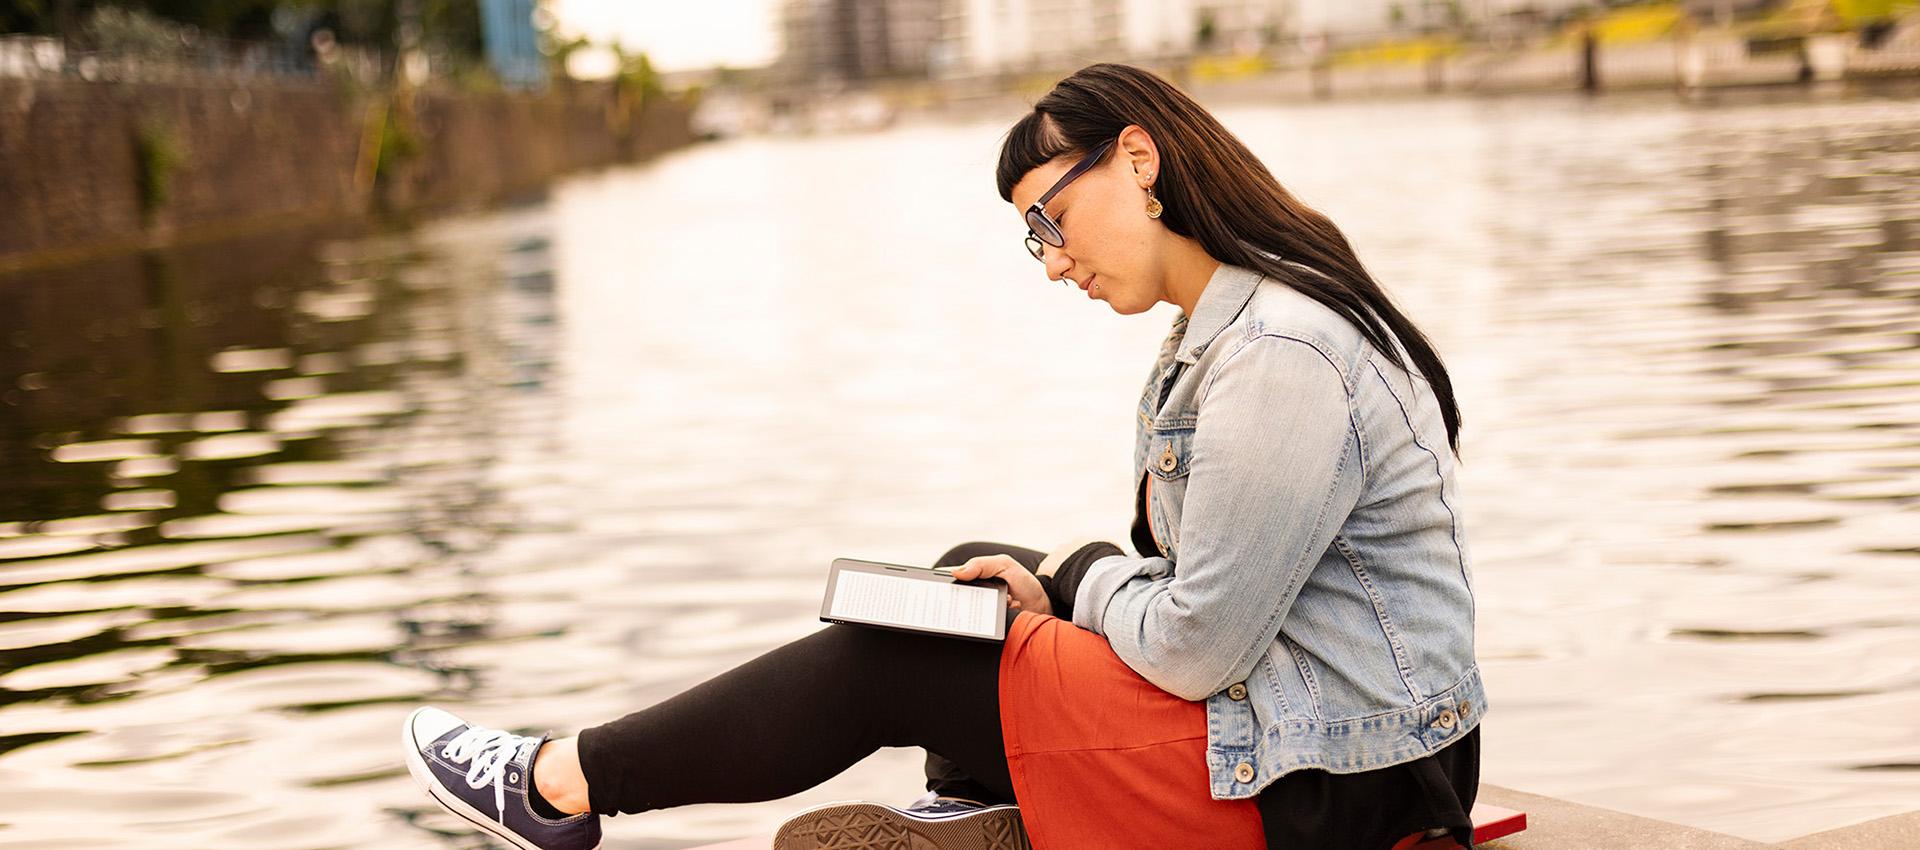 Schneller, besser, tolino vision 6 – Das Upgrade für mehr Lesevergnügen